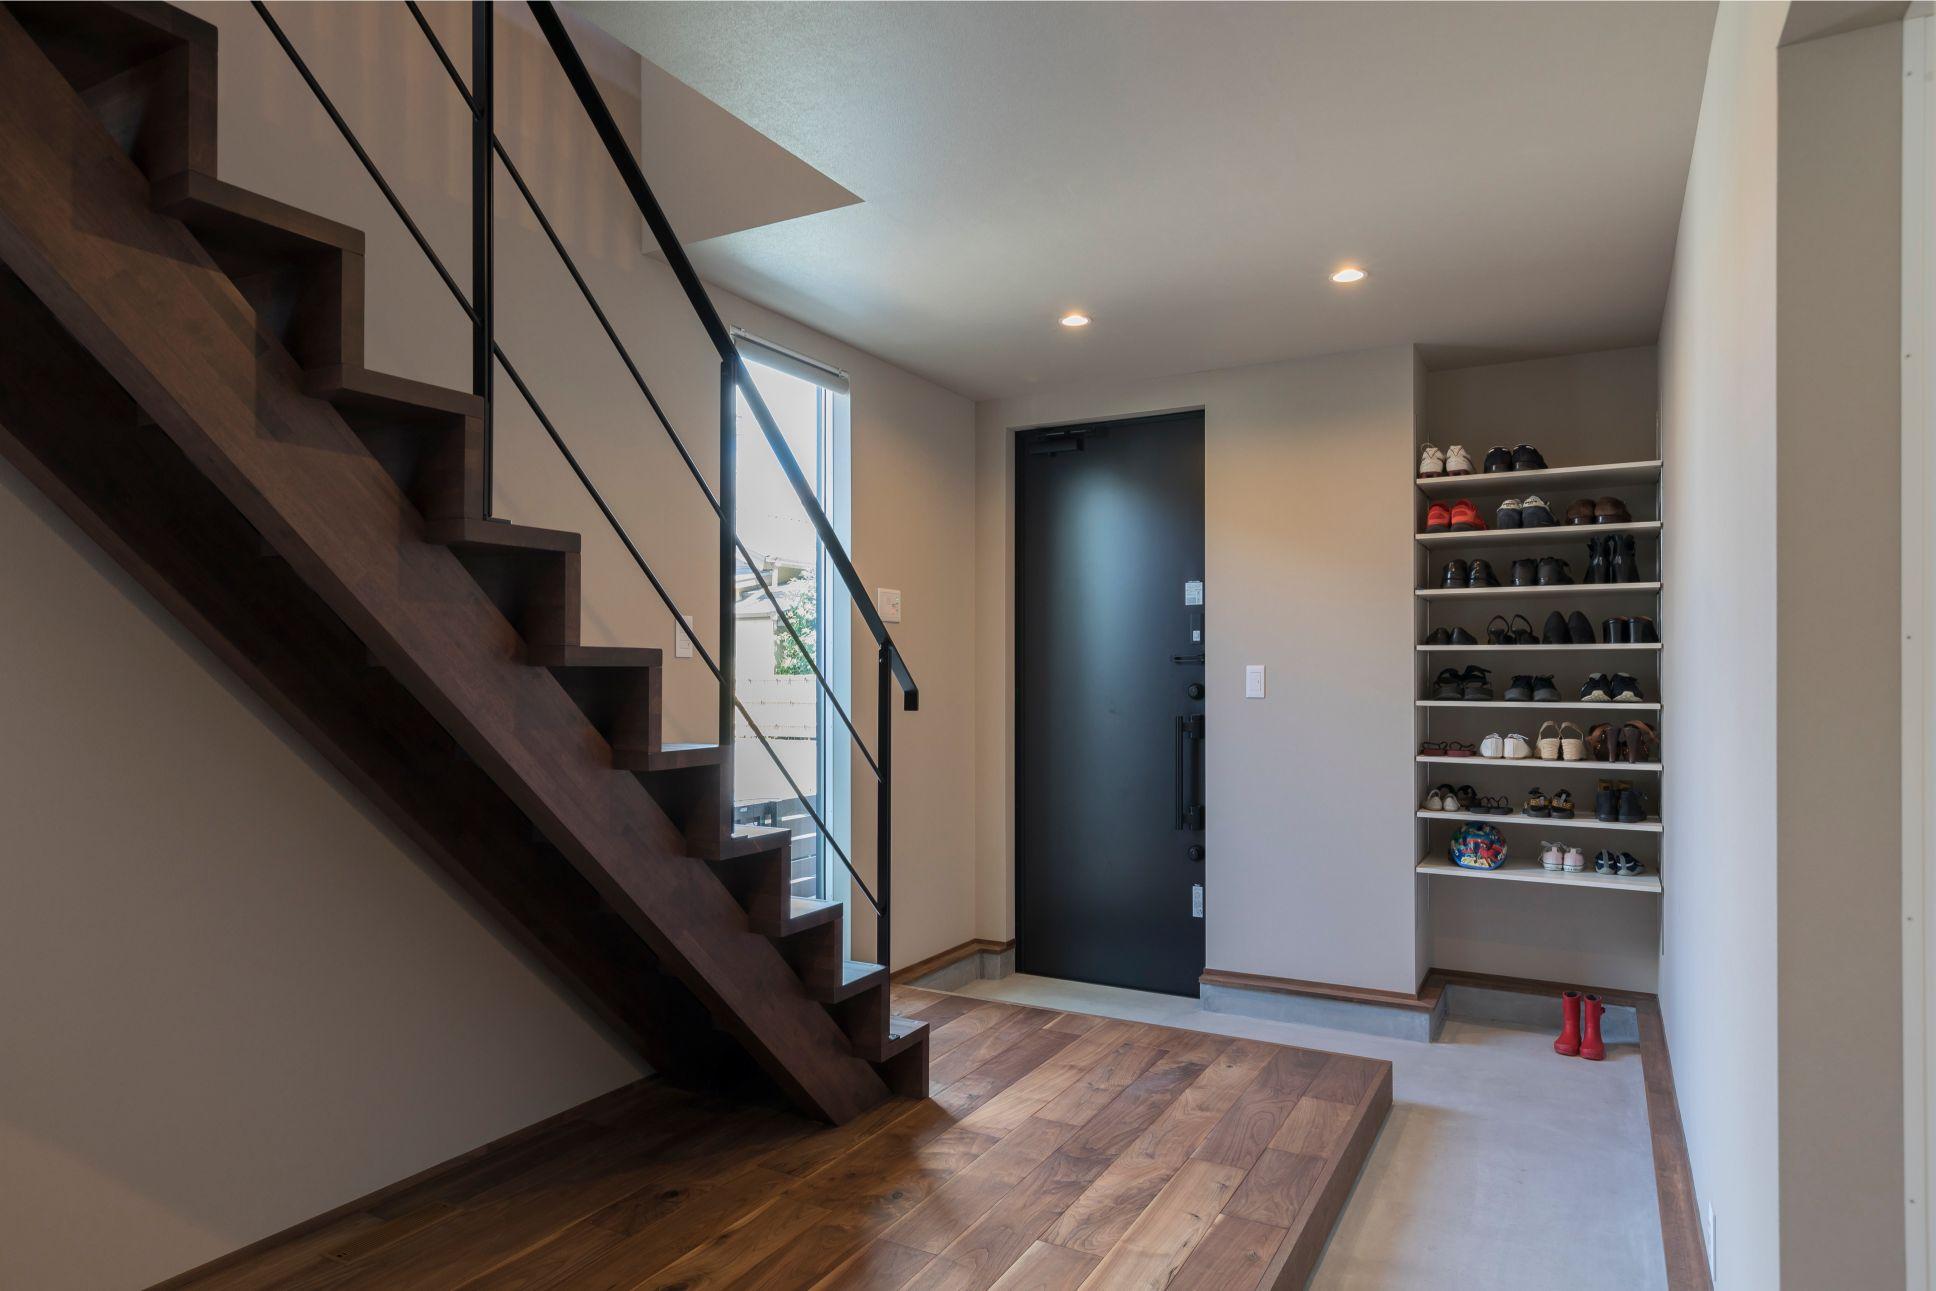 RIKYU (リキュー)【デザイン住宅、建築家、ガレージ】シューズクロークは使い勝手の良いオープンタイプに。ぐるりと回れる土間を進むと、ゲストが集うフリースペースへと繋がる